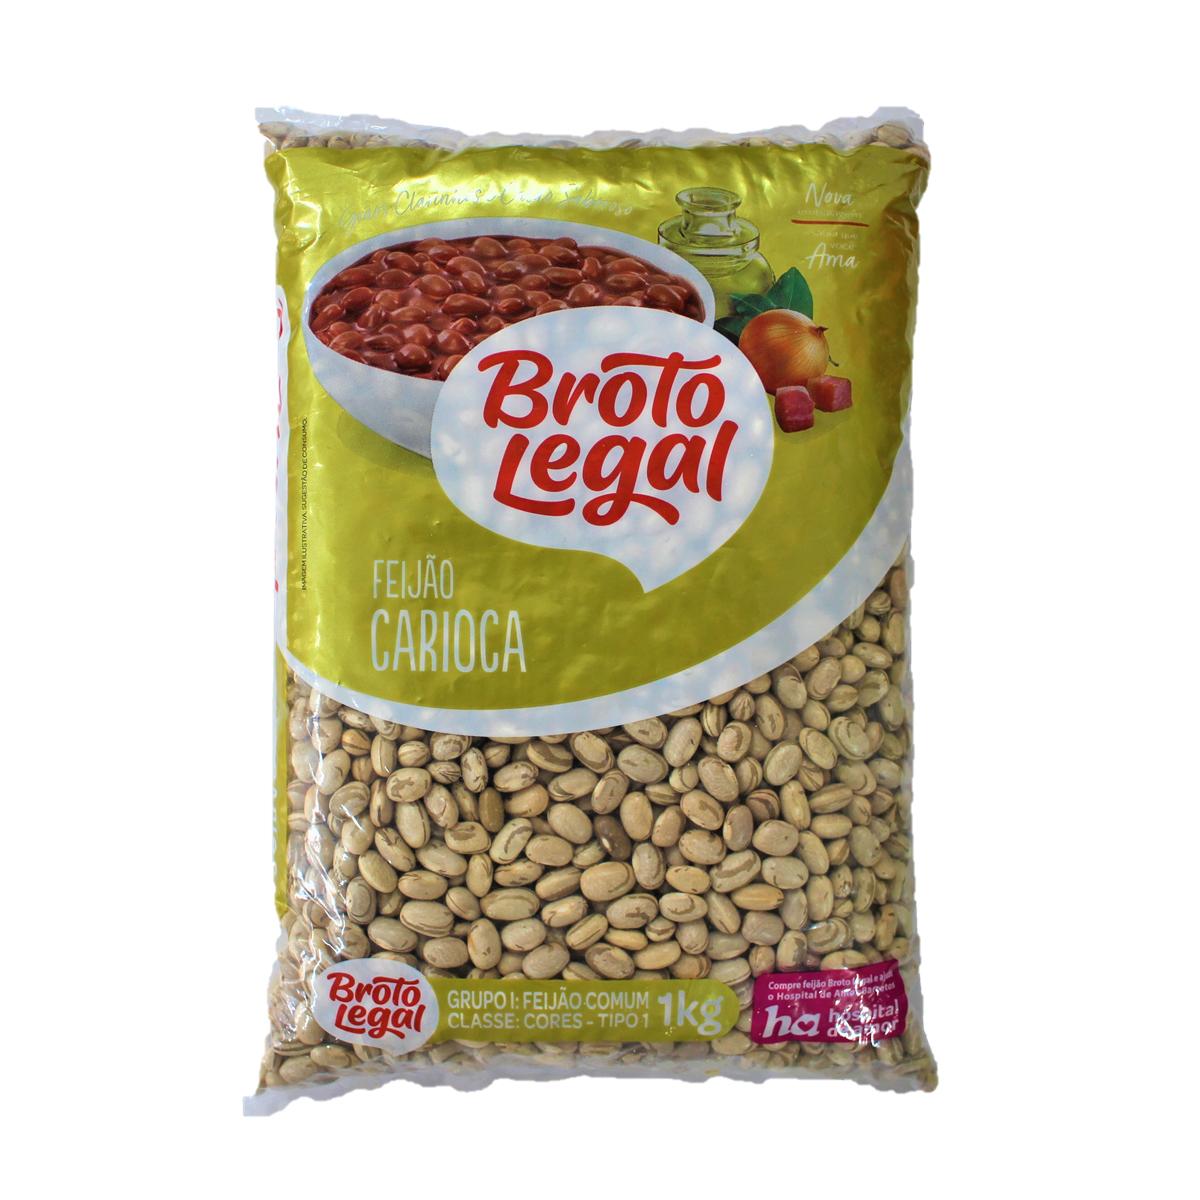 ブラジルの国民食フェイジョンが作れます アウトレットセール 特集 カリオカ豆 1kg Broto LegalFeijao カリオカインゲン豆 食品 いよいよ人気ブランド Carioca フェイジョン ブラジル